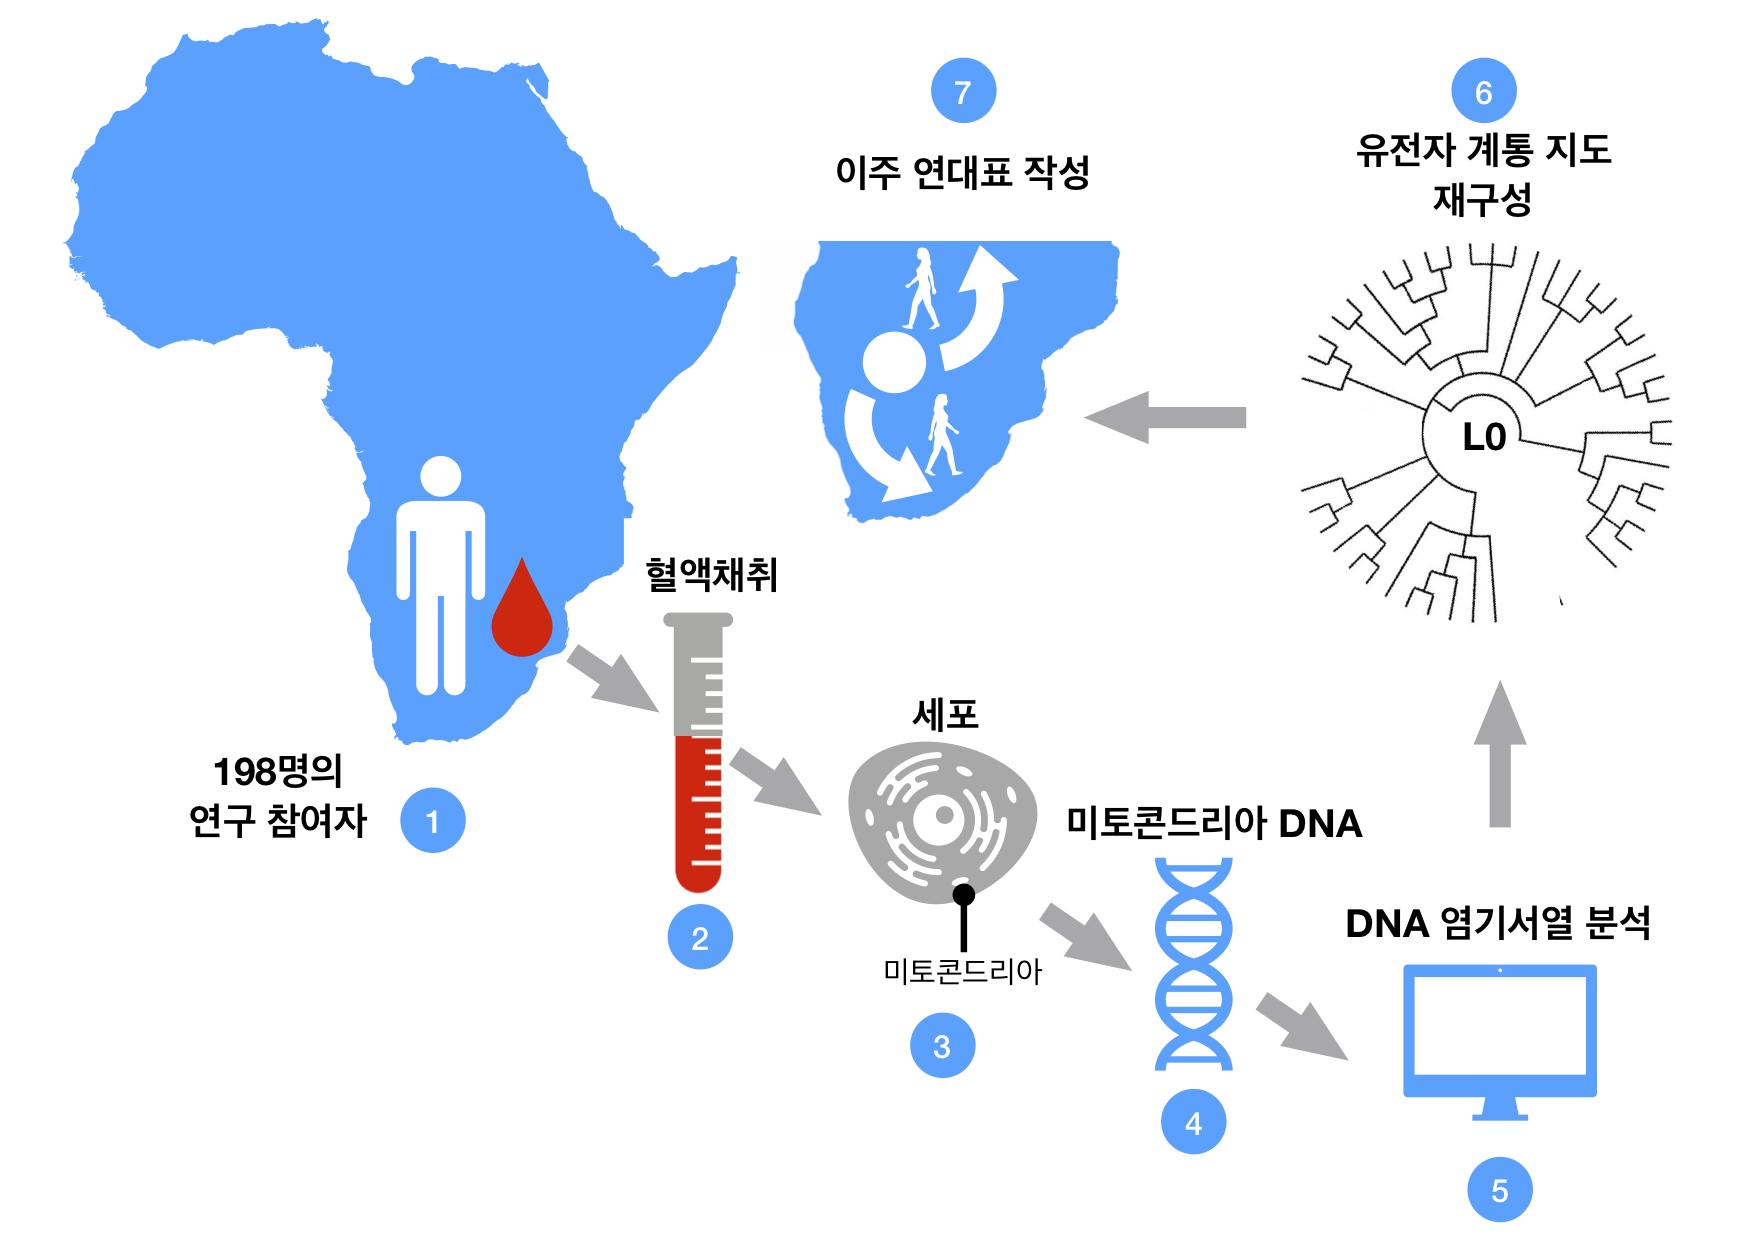 사본 -그림1_혈액 샘플로부터 L0 유전자 뿌리를 추적하는 과정_(IBS 제공).jpg